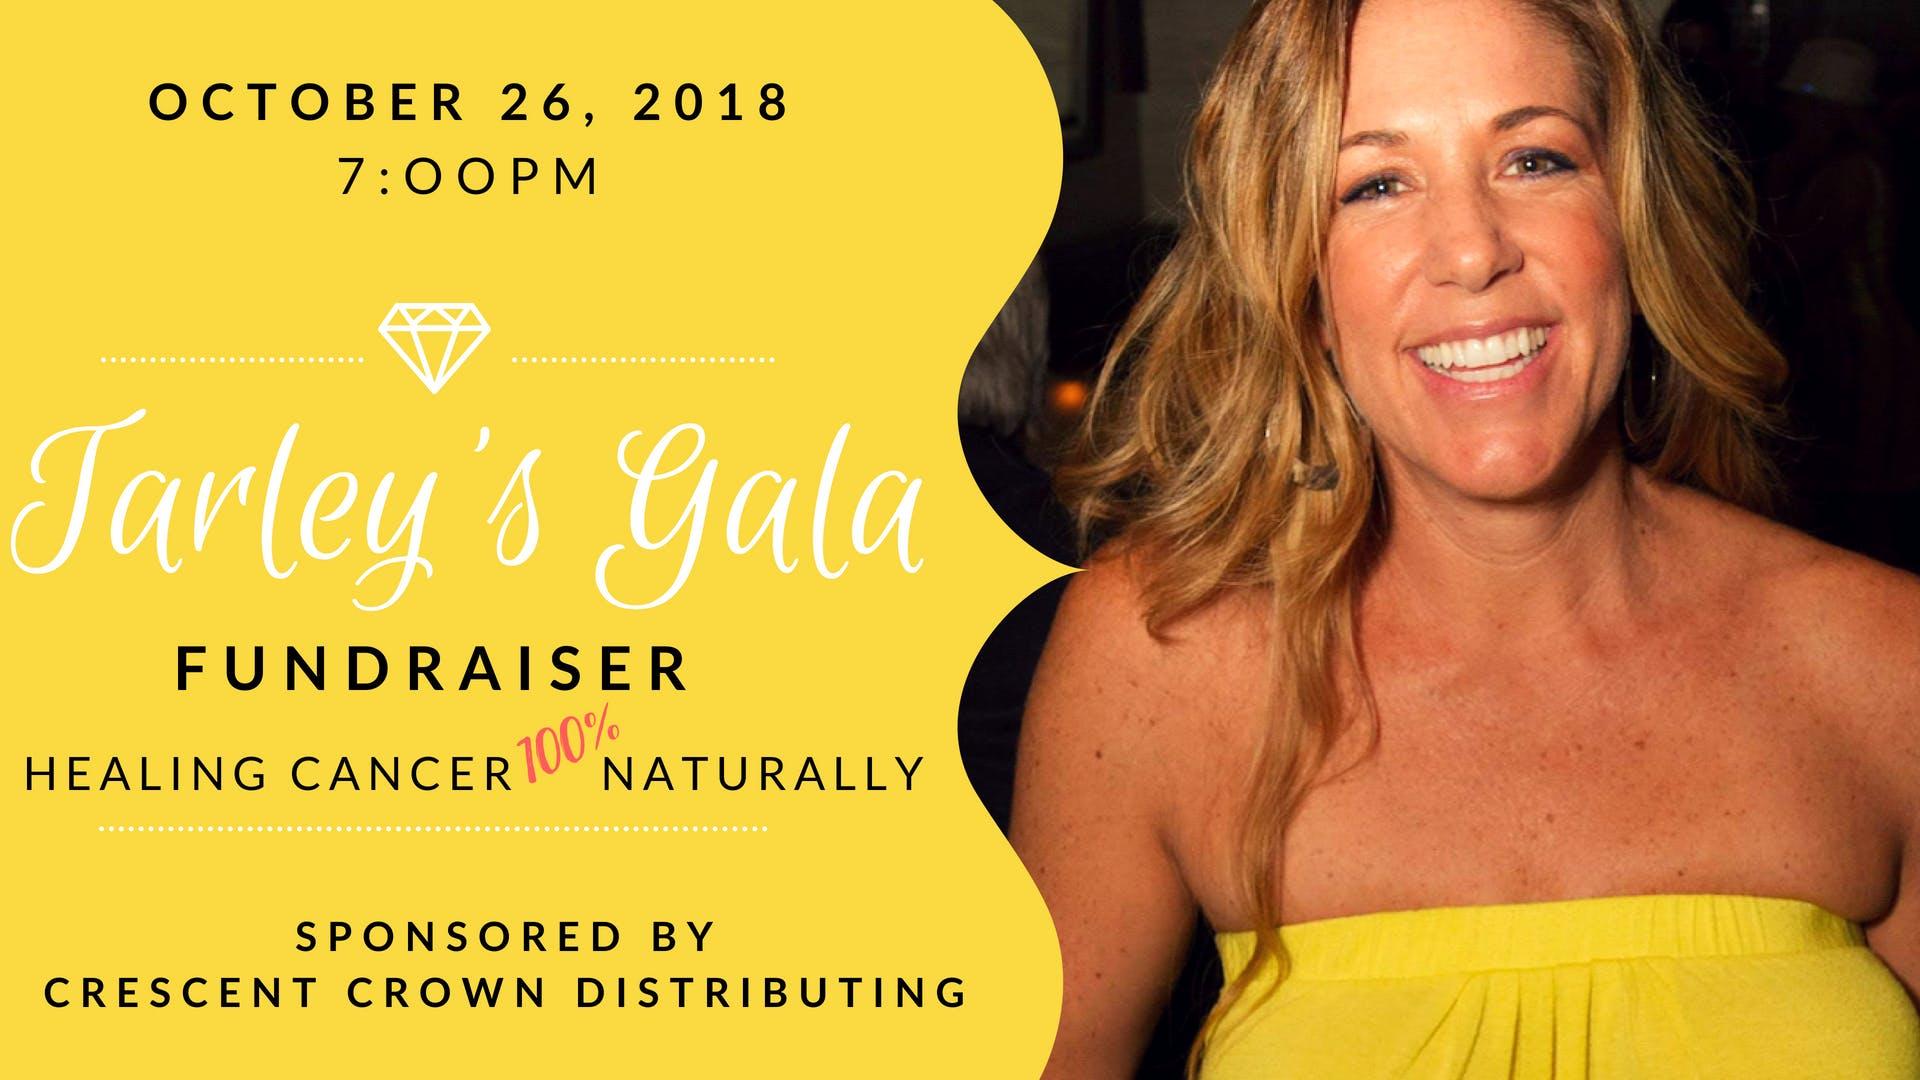 Tarley's Gala:  Healing Cancer 100% Naturally